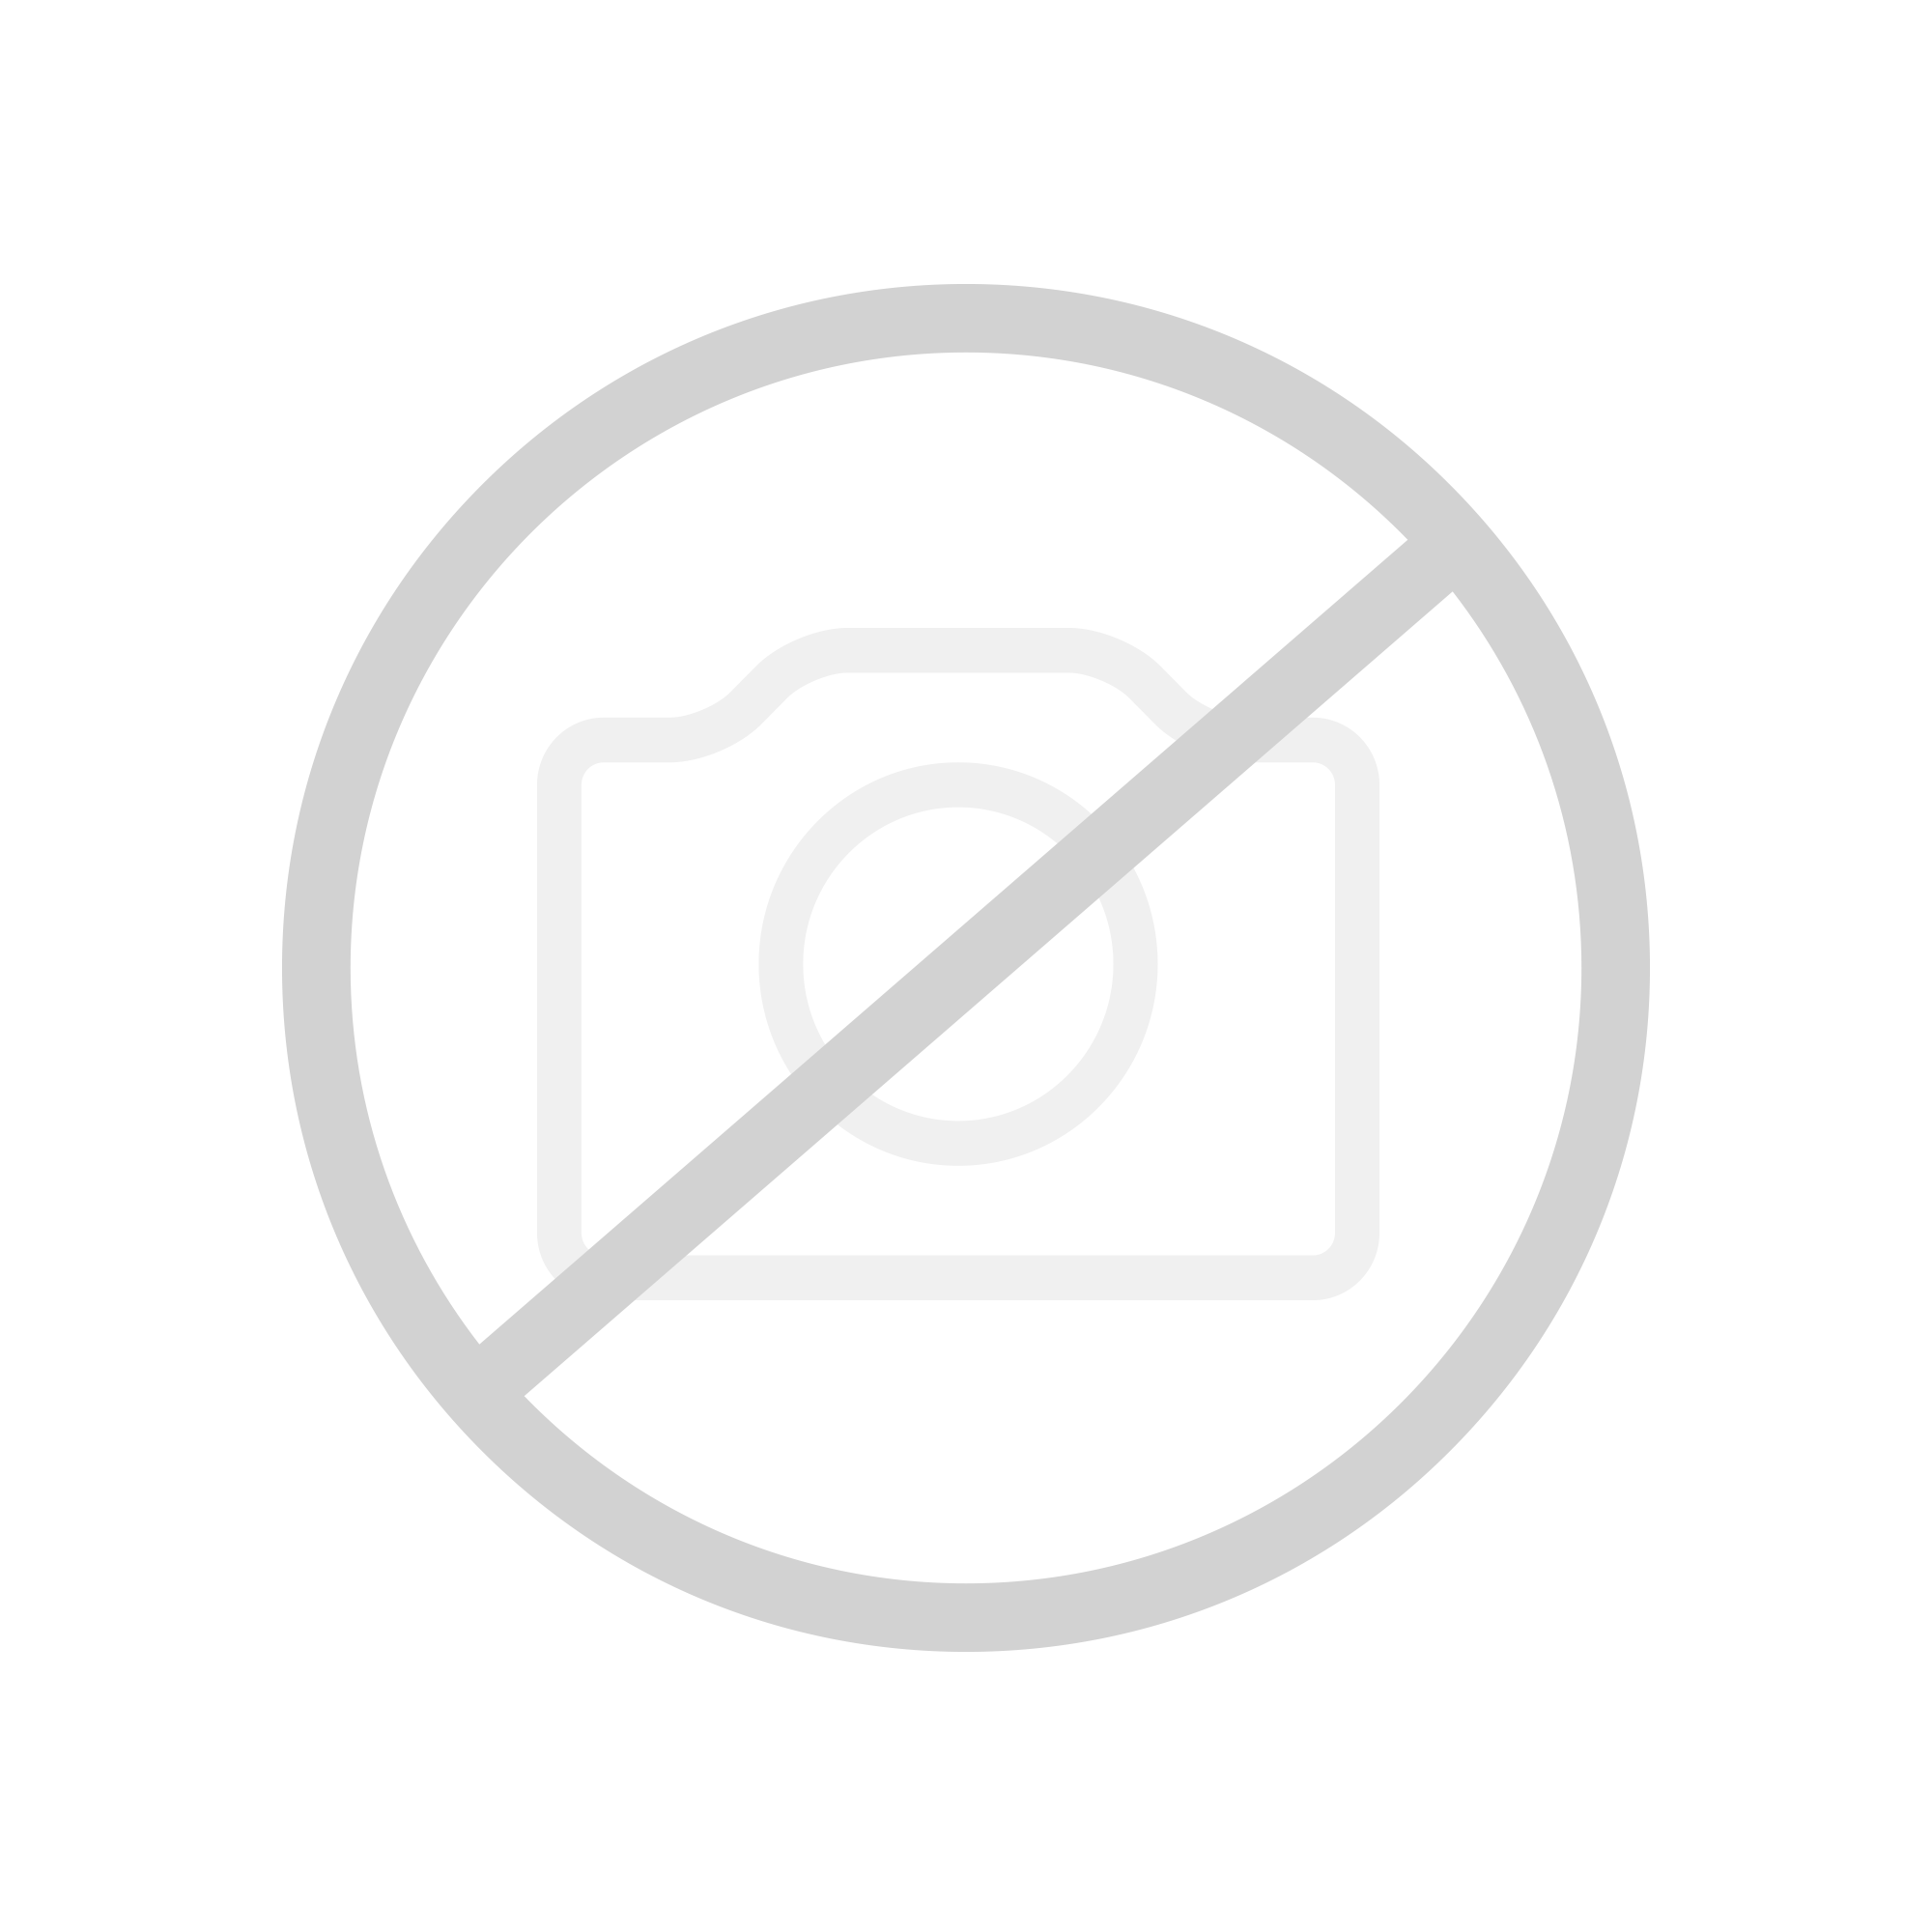 keramag citterio waschtisch b 75 t 50 cm ohne berlauf. Black Bedroom Furniture Sets. Home Design Ideas